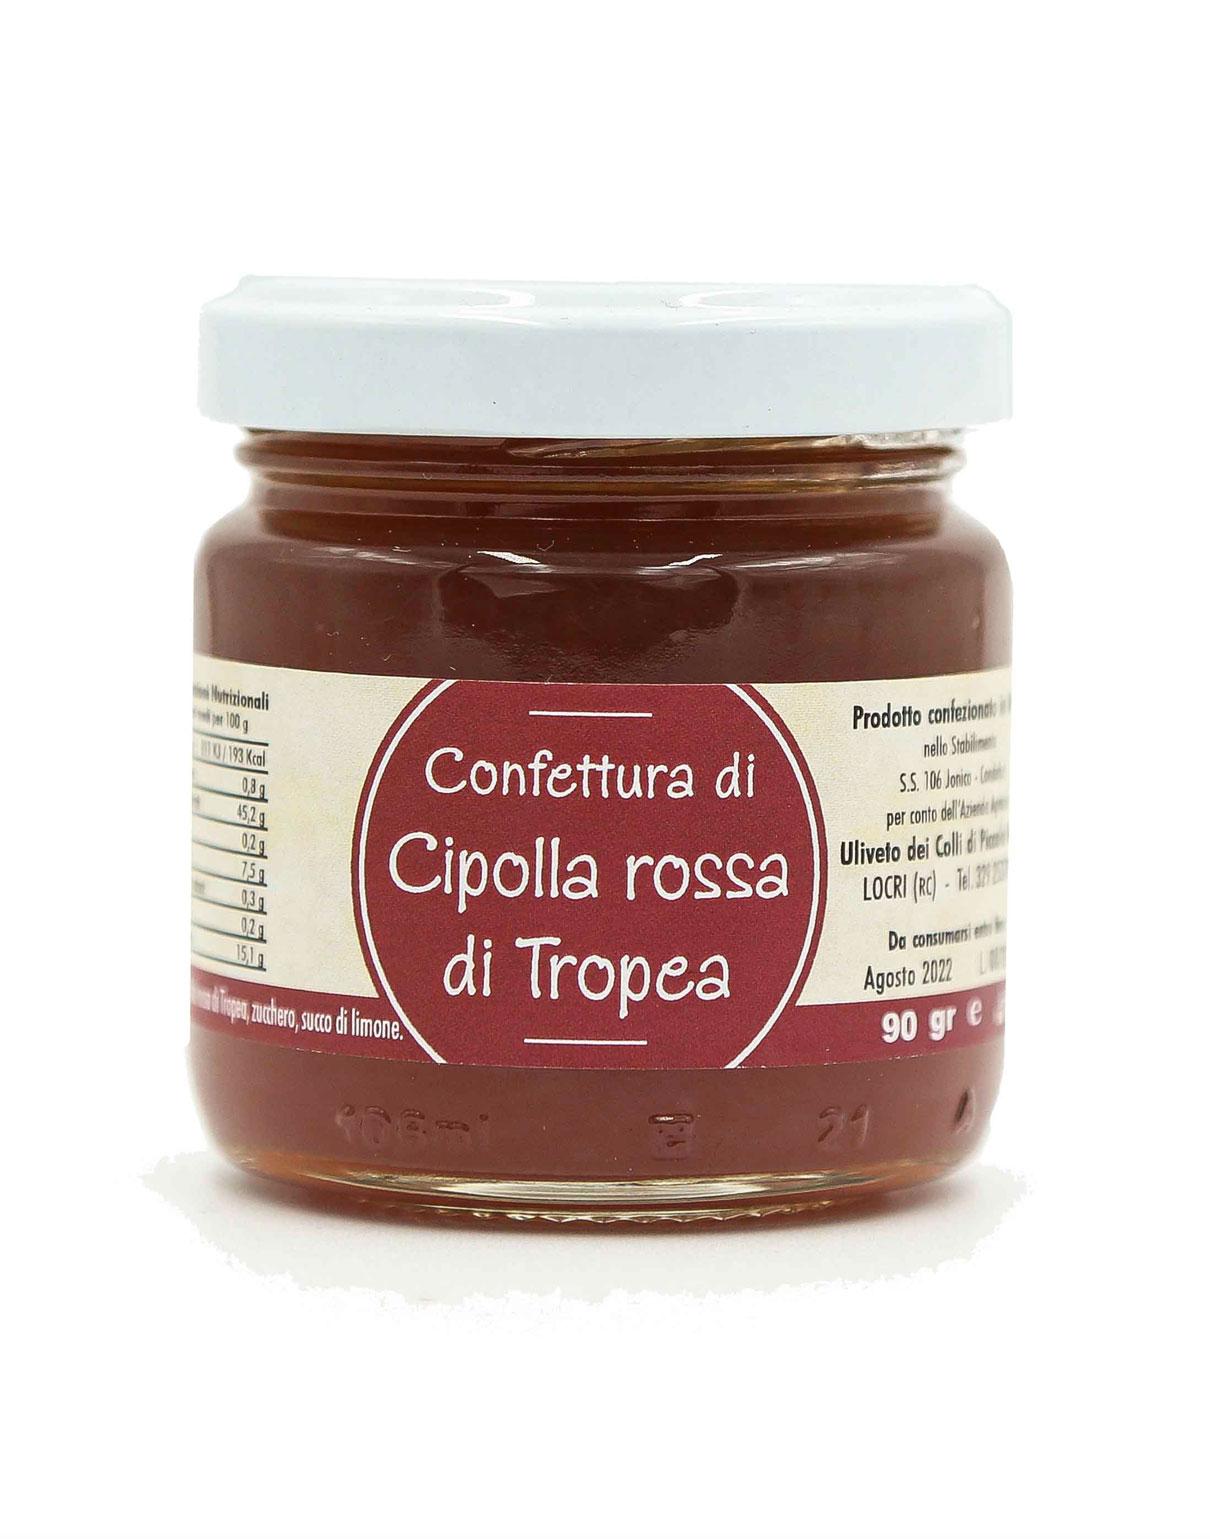 Prodotti tipici calabresi confettura di cipolle rosse